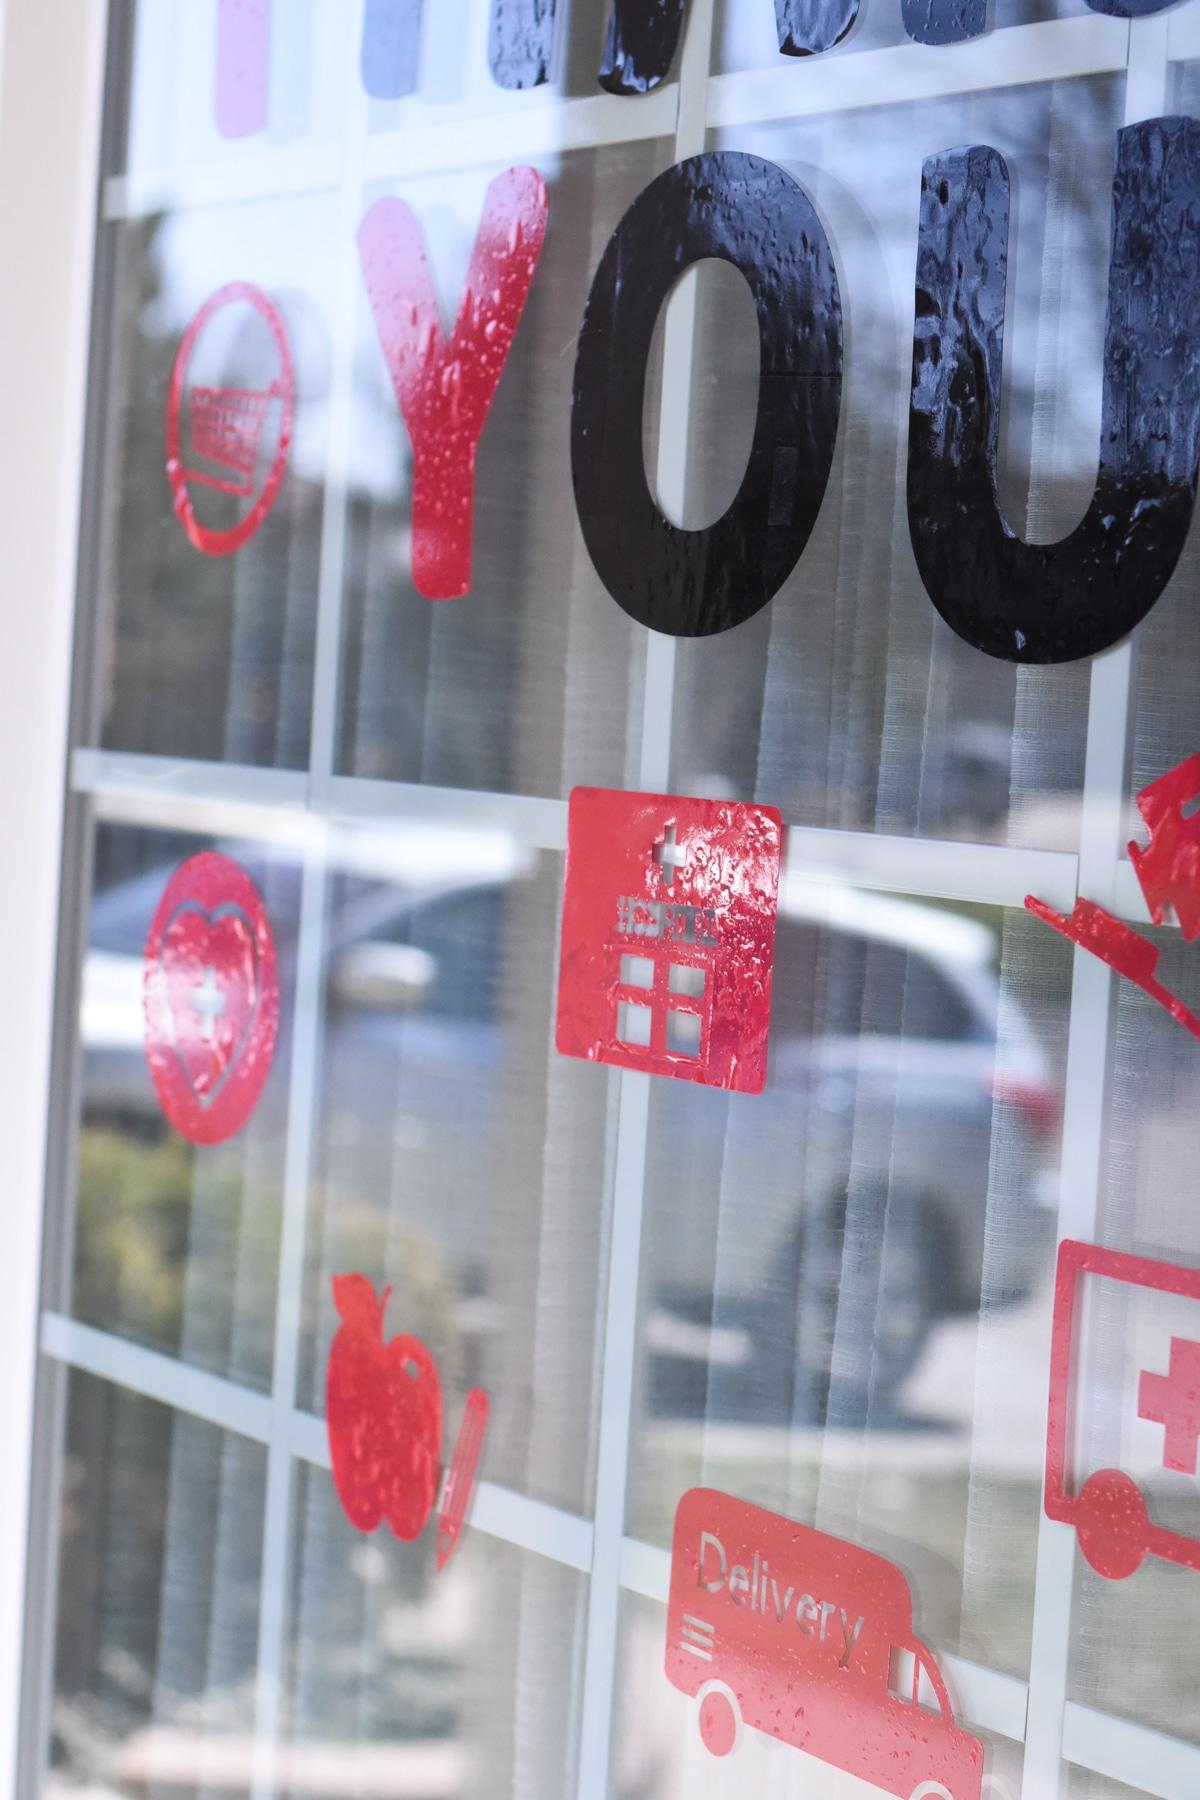 window cling on a window